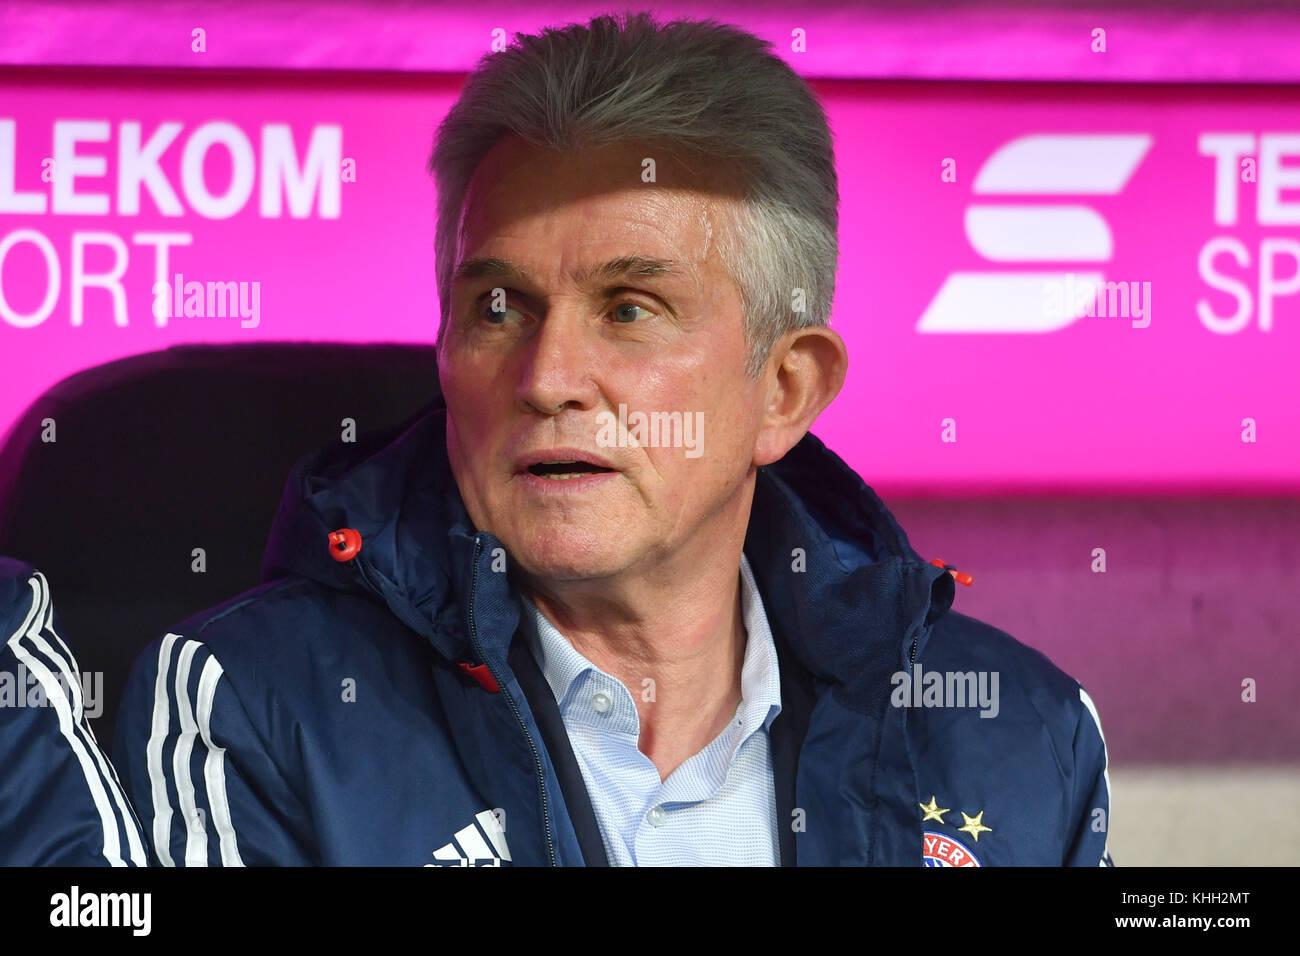 Jupp HEYNCKES (Trainer FC Bayern Munich), Einzelbild, angeschnittenes Einzelmotiv, Portraet, Portrait, Portrat. - Stock Image